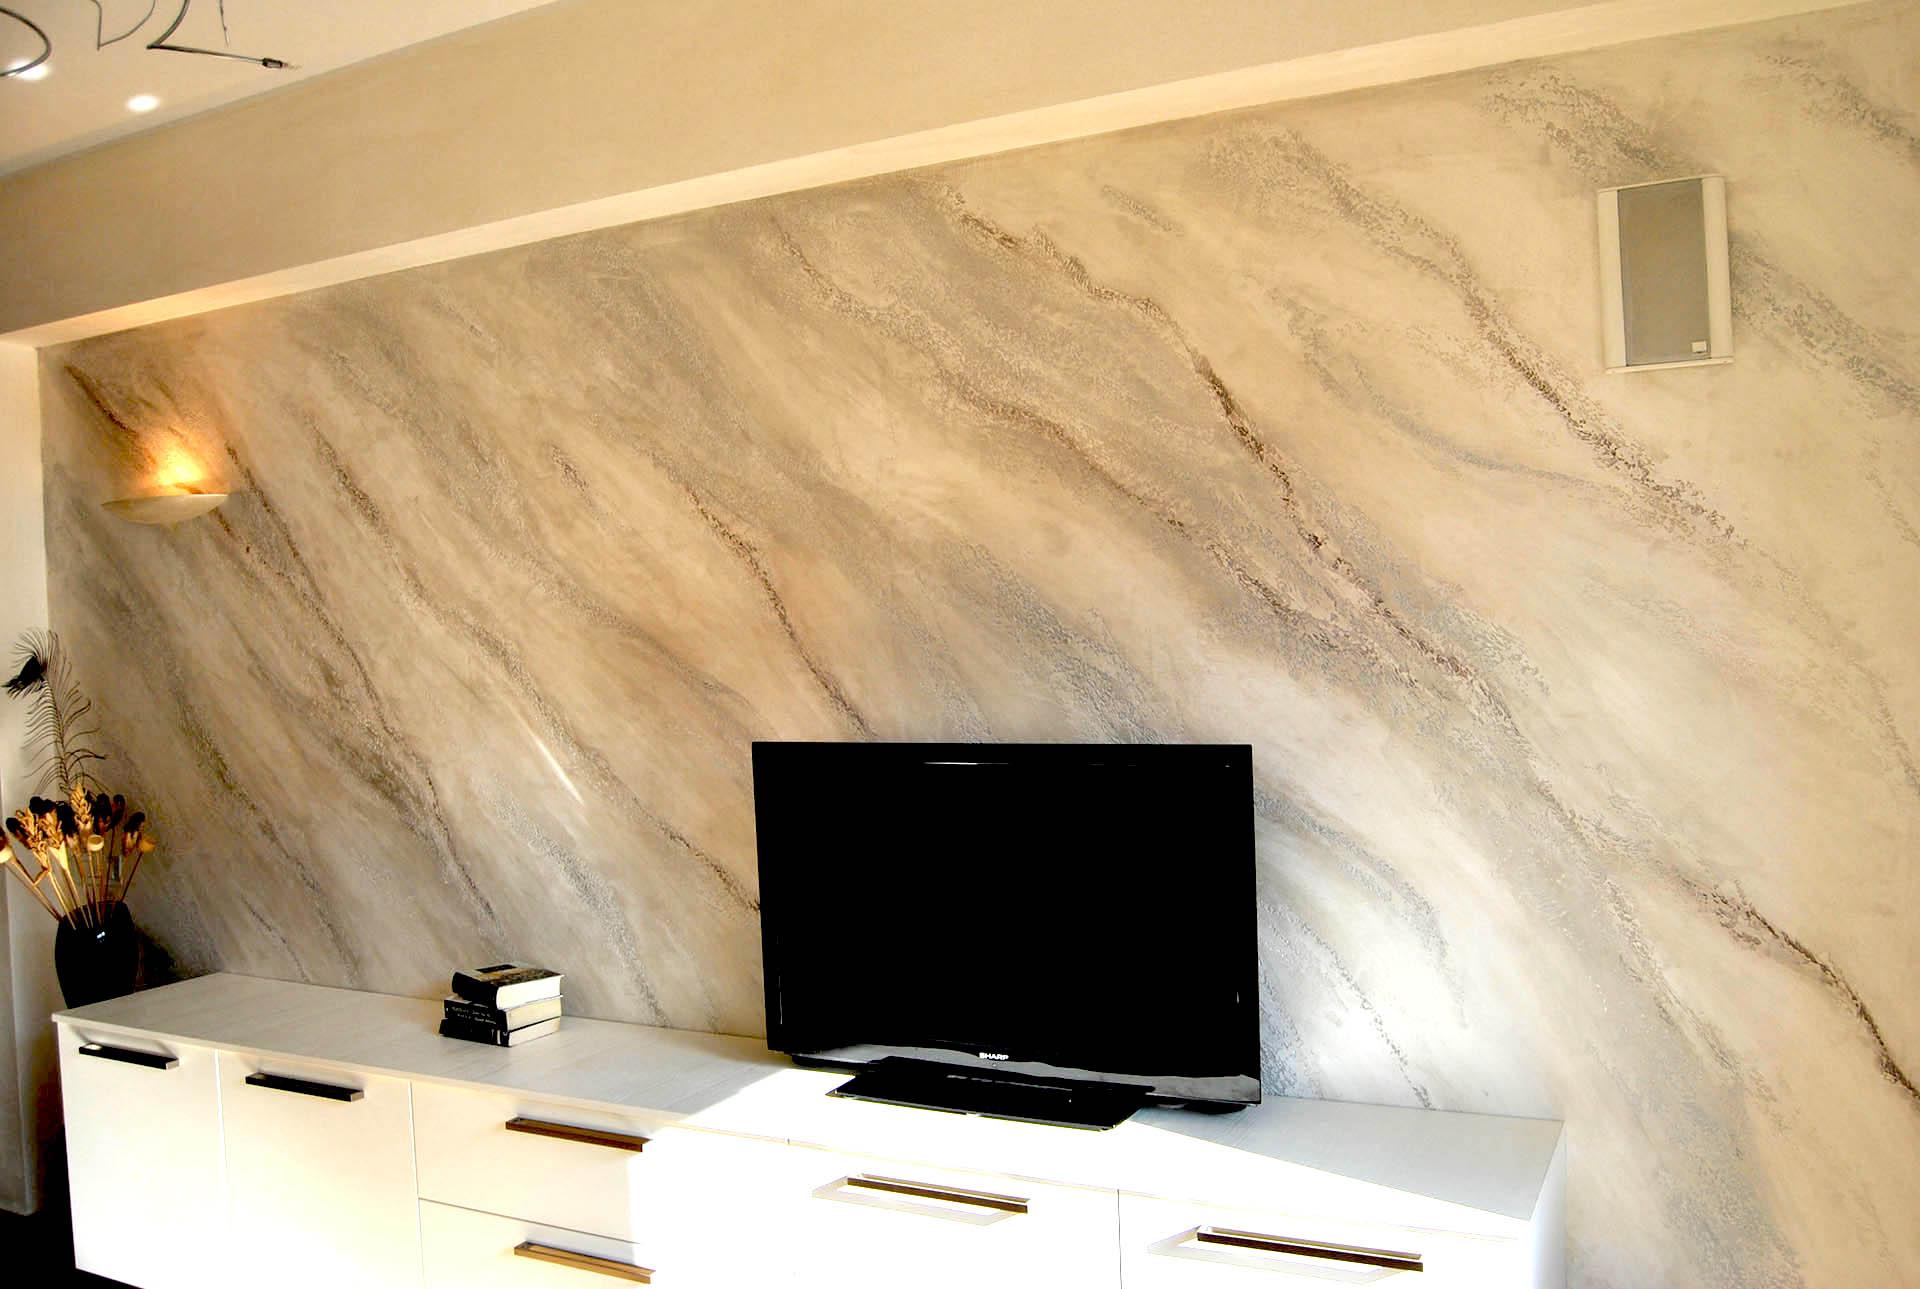 Istinto pietra spaccata stucco veneziano a milano e - Pitture per interni immagini ...